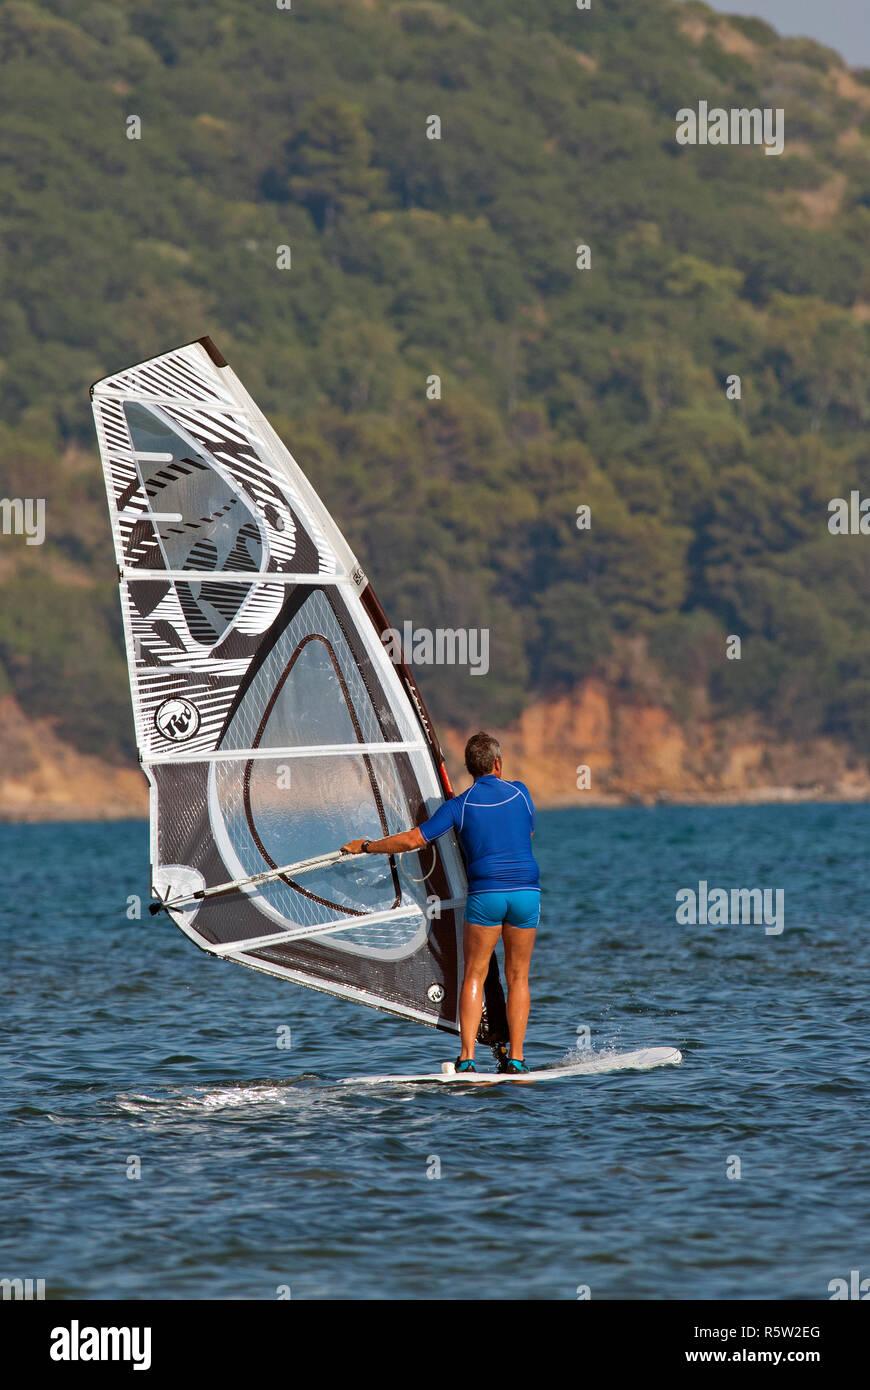 Windsurf near Talamone, Grosseto, Tuscany, Italy - Stock Image